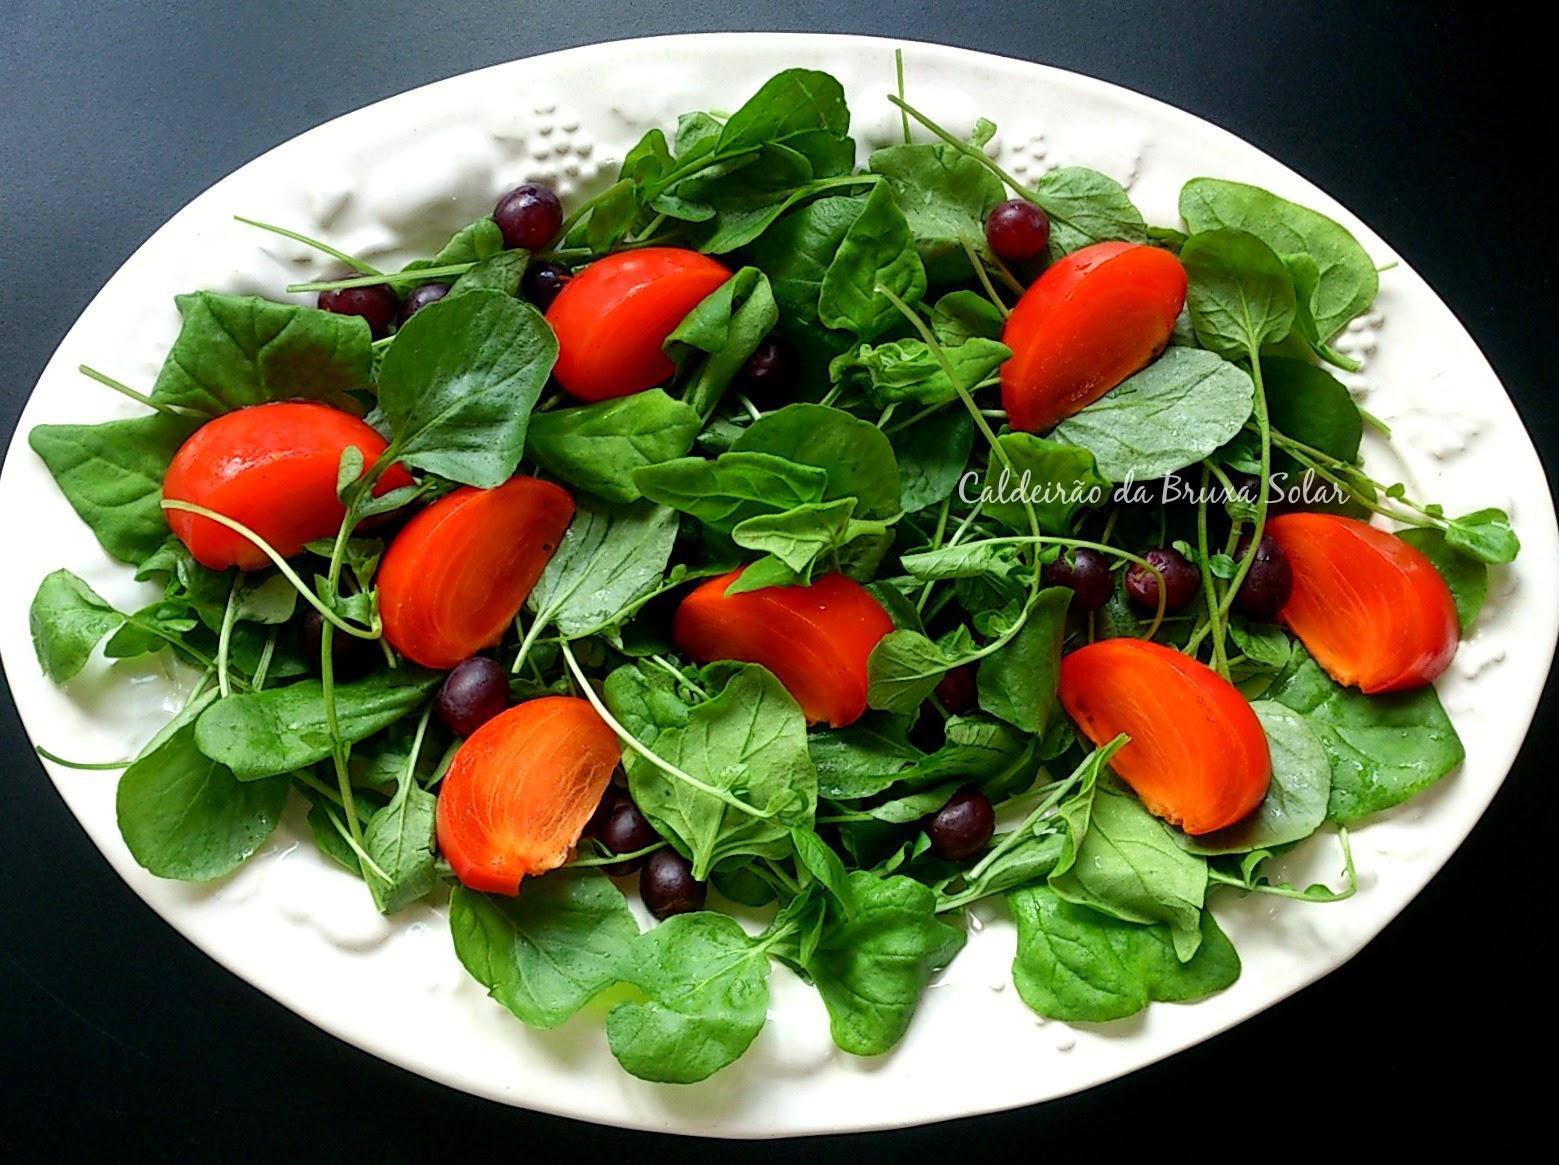 Salada de espinafre, agrião, caqui e uva